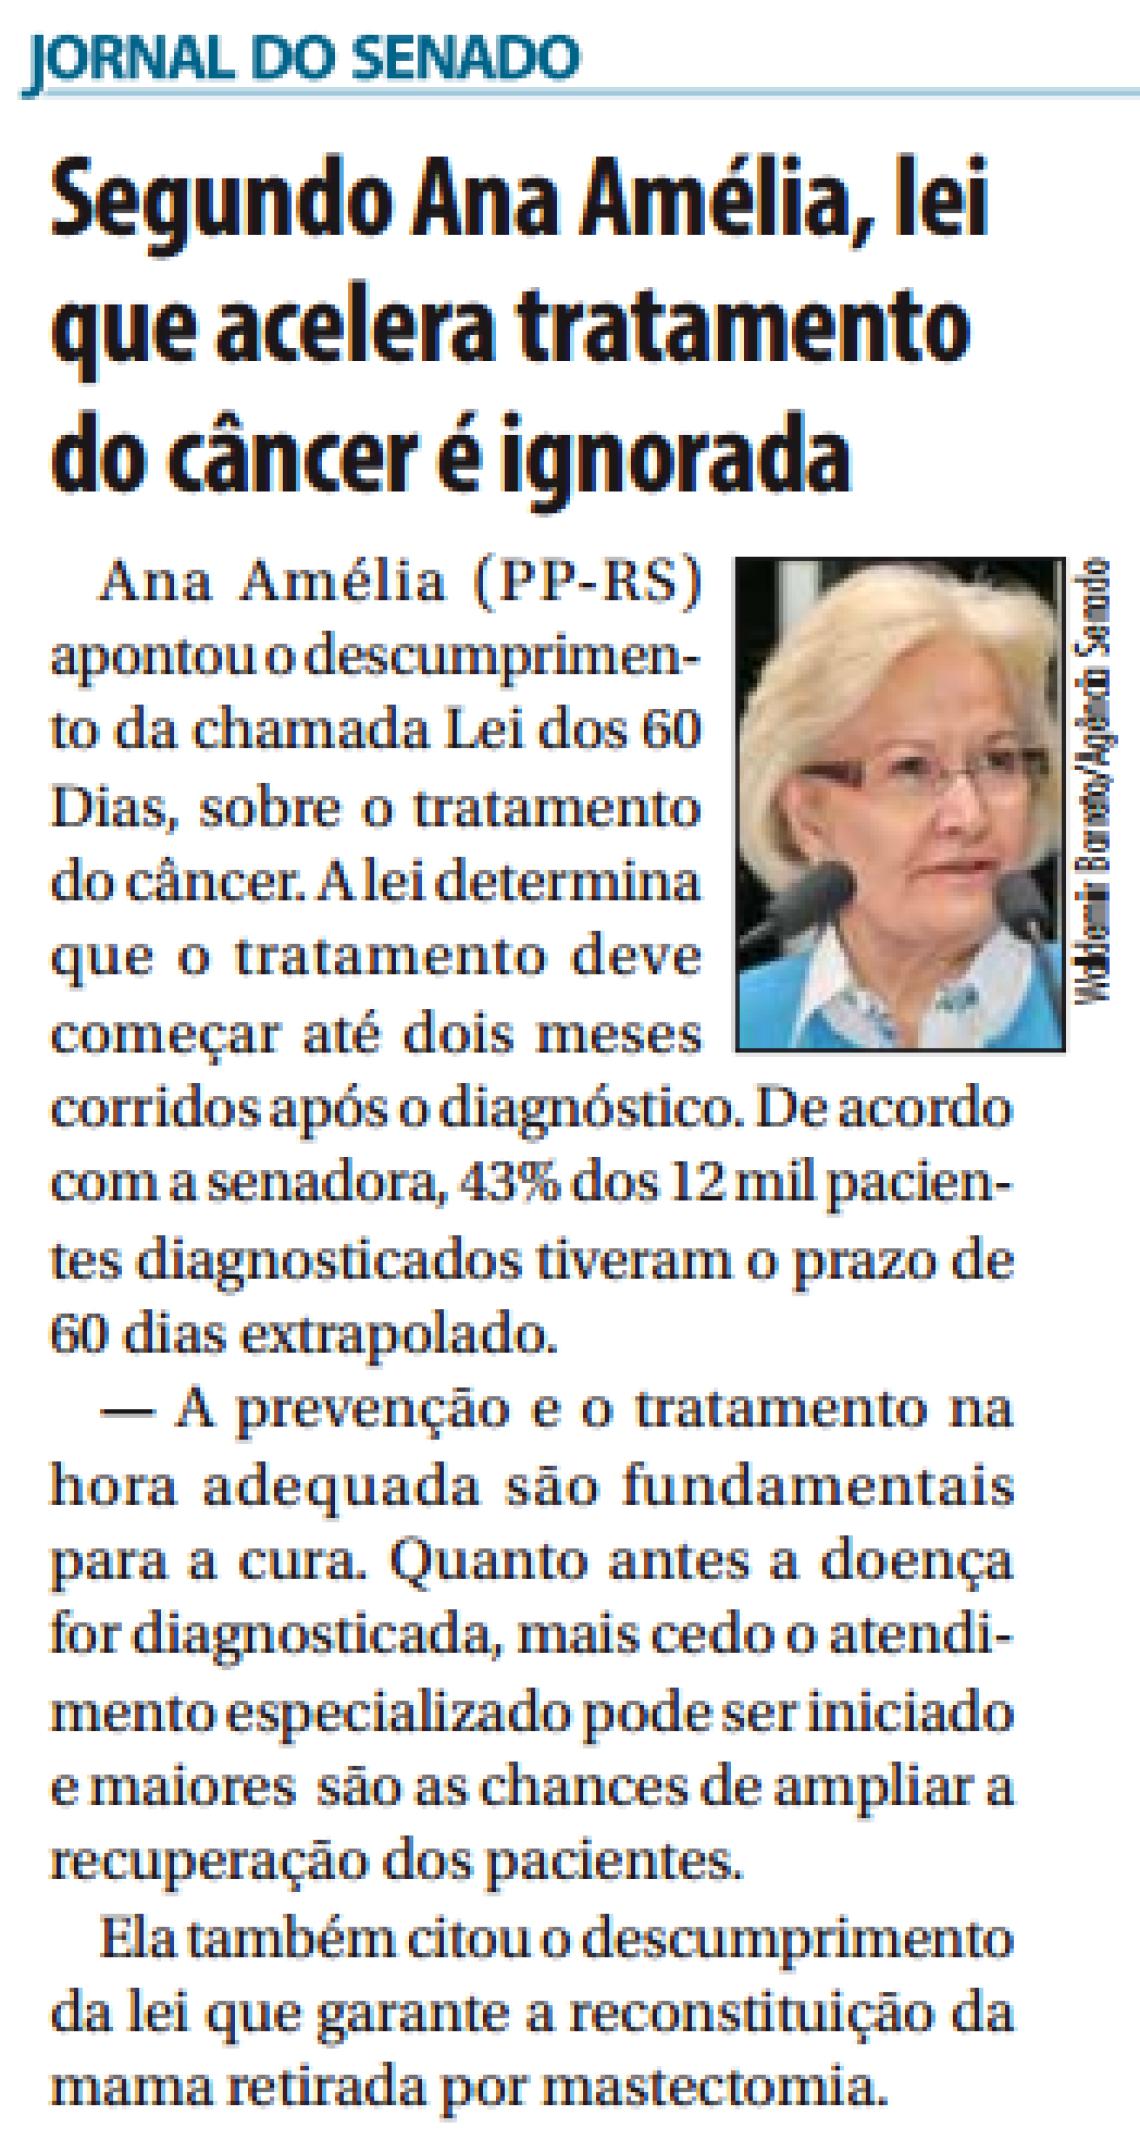 Jornal do Senado: Segundo Ana Amélia, lei que acelera tratamento do câncer é ignorada